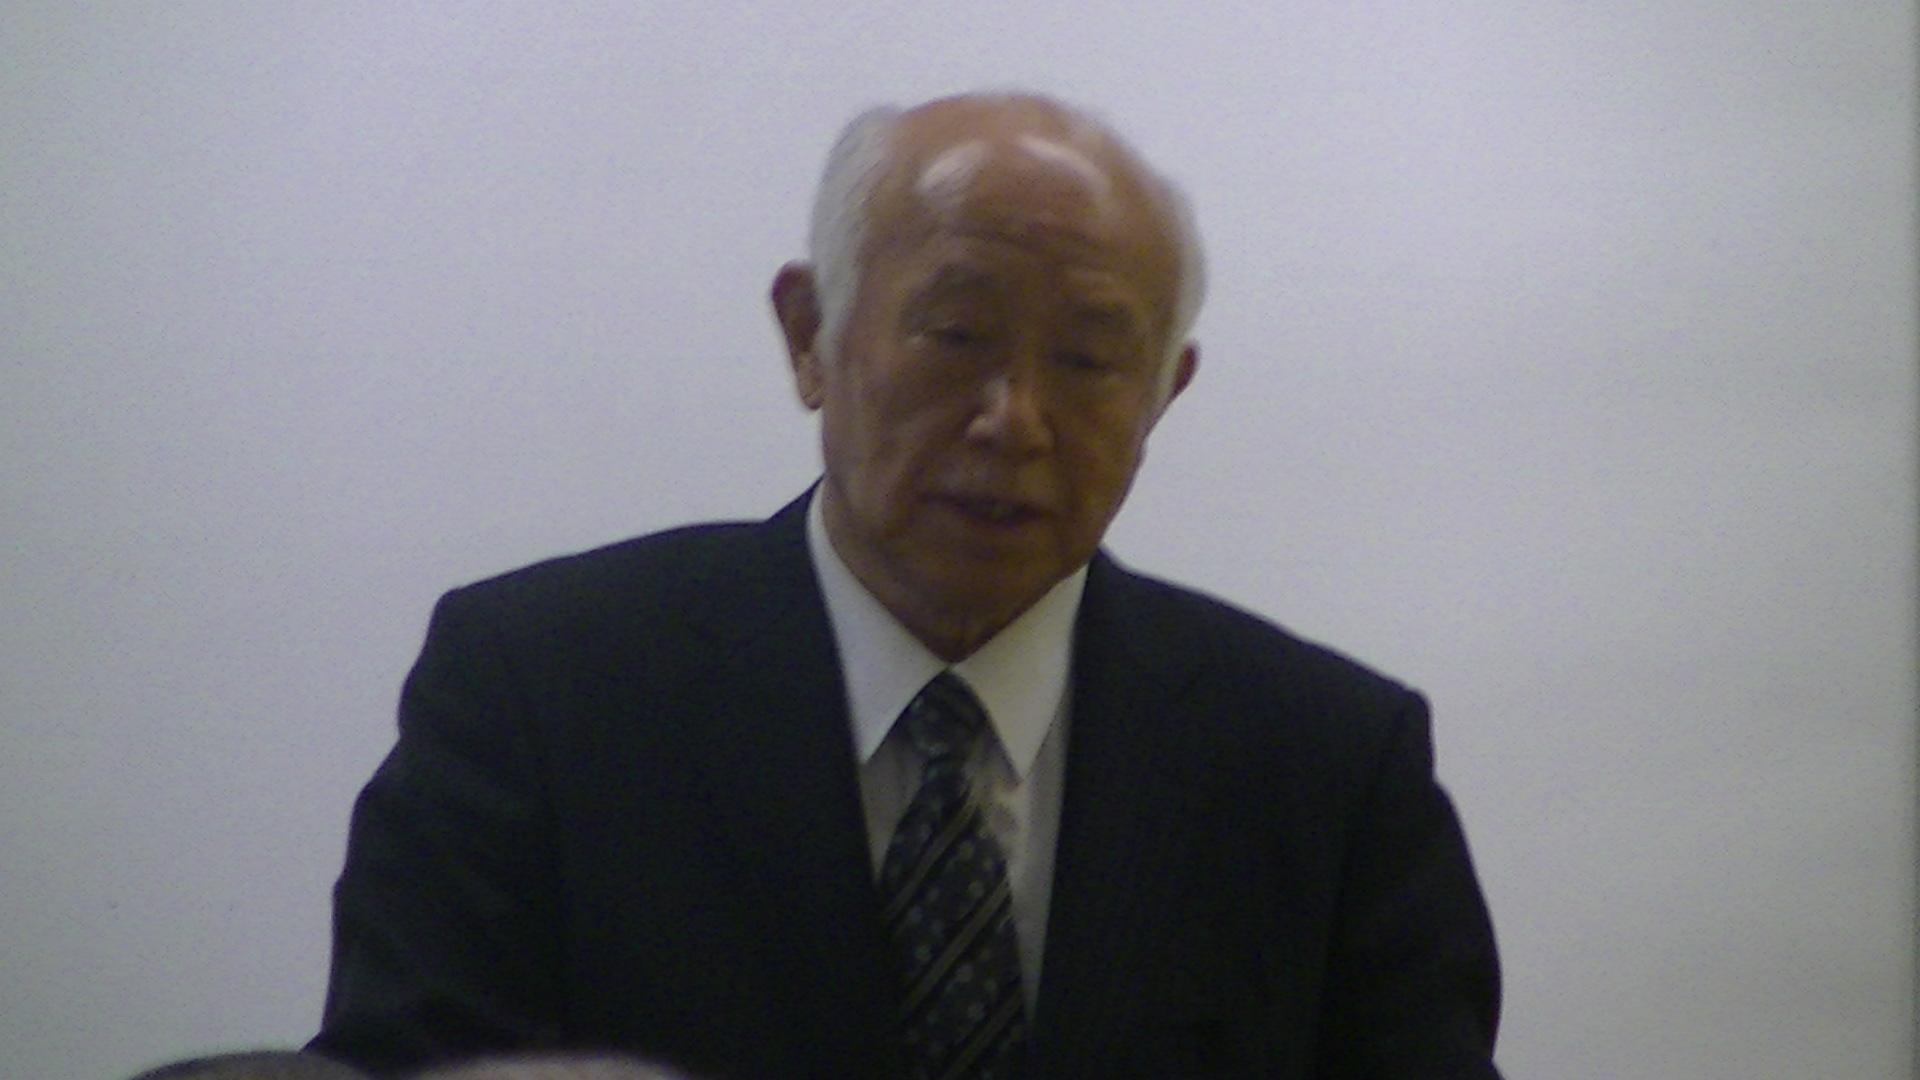 PIC 0092 - 平成30年度 東京思風塾 4月7日(土)「時代が問題をつくり、問題が人物をつくる」